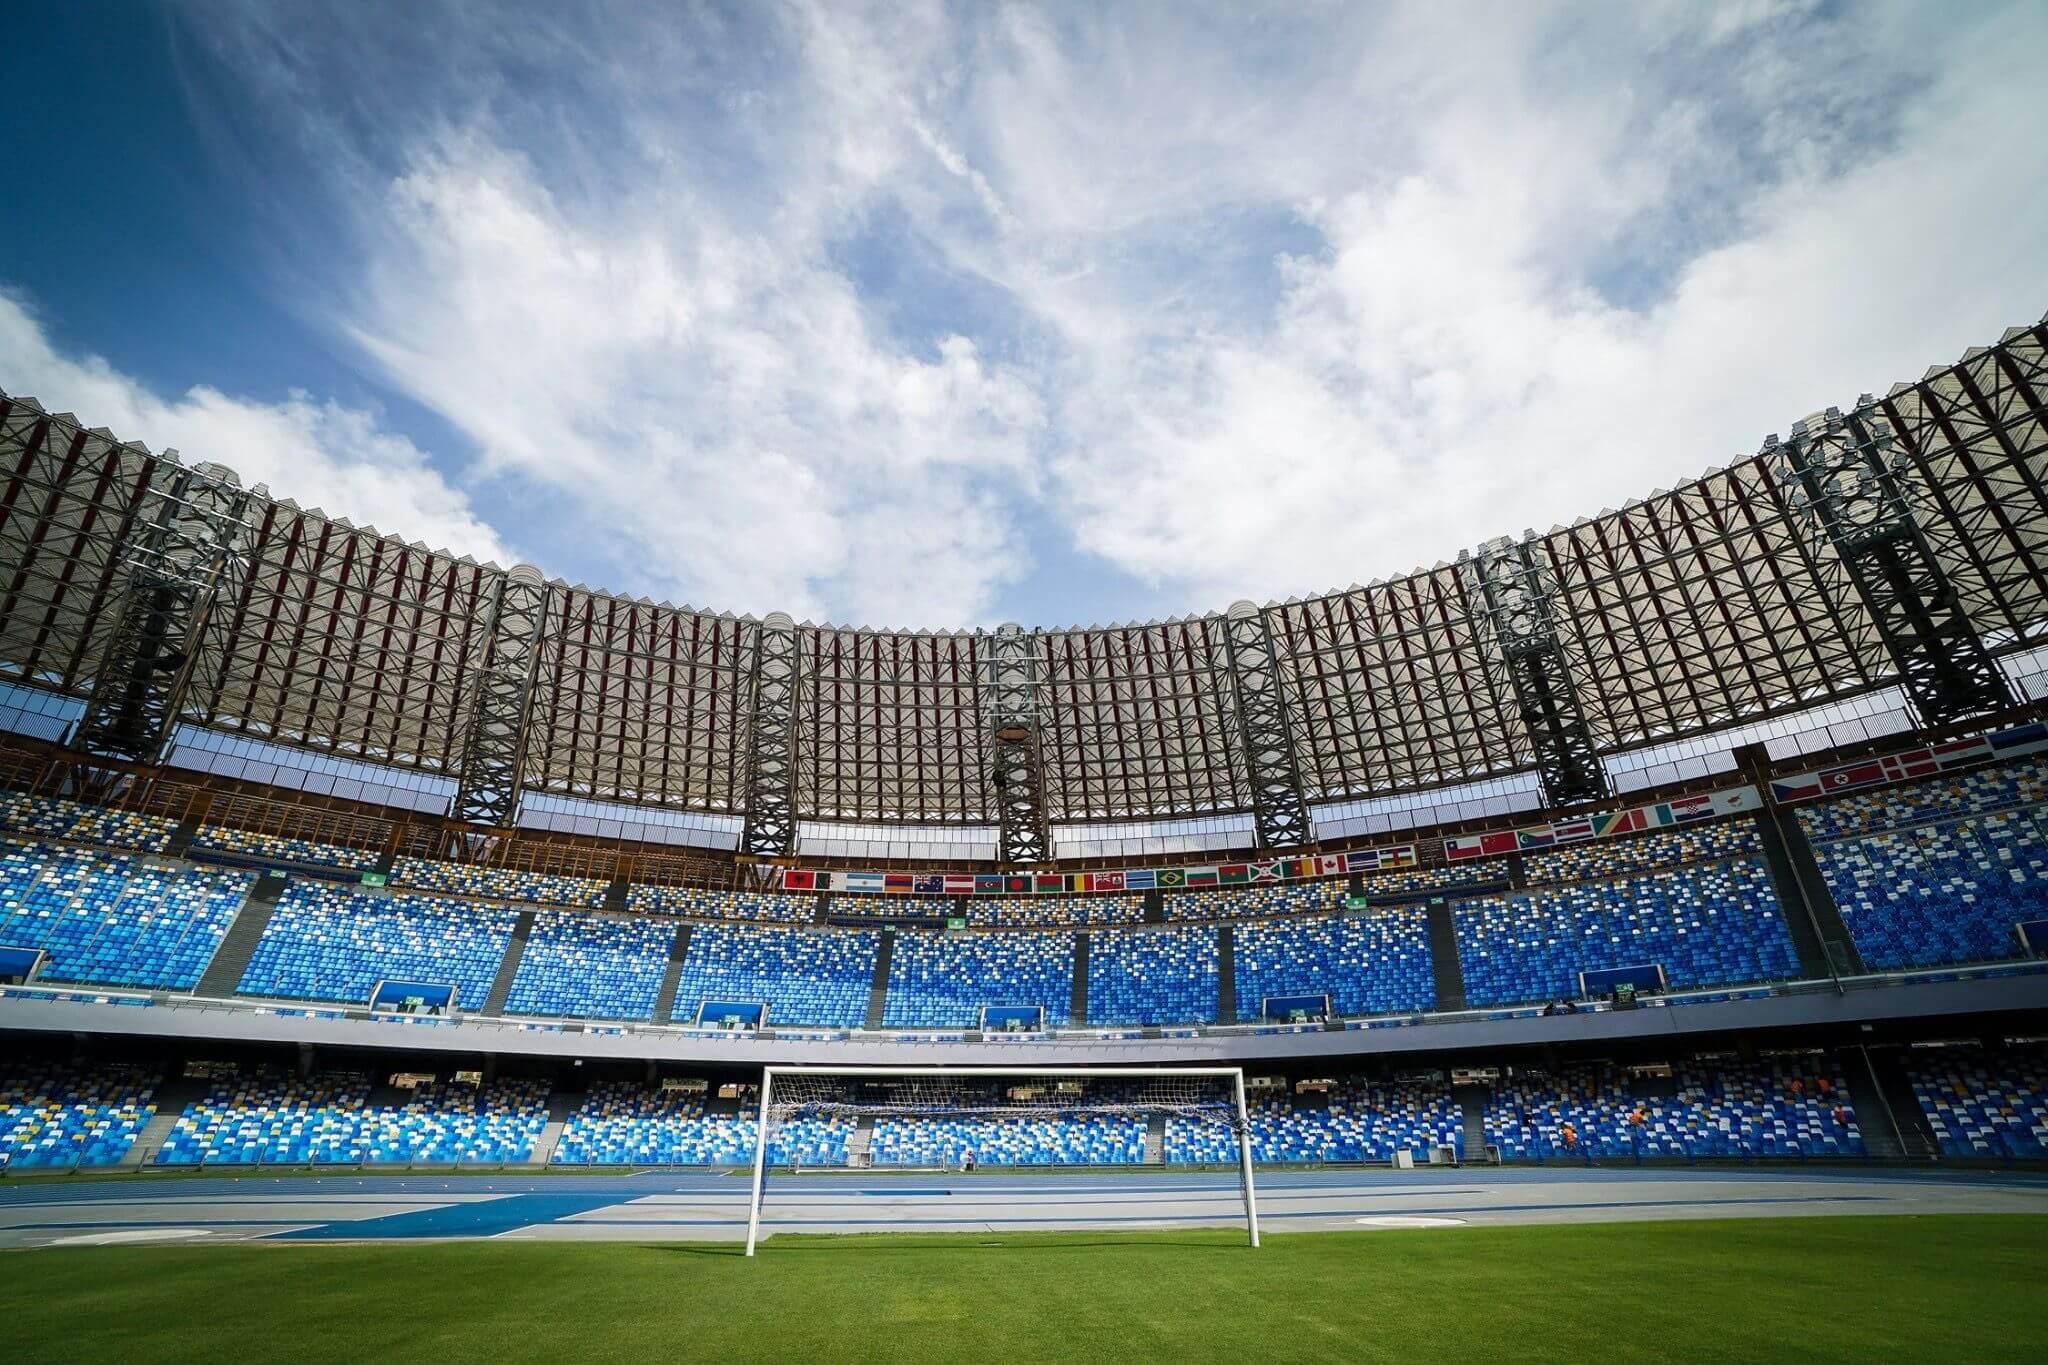 stadio_sanpaolo_nuovo.jpeg